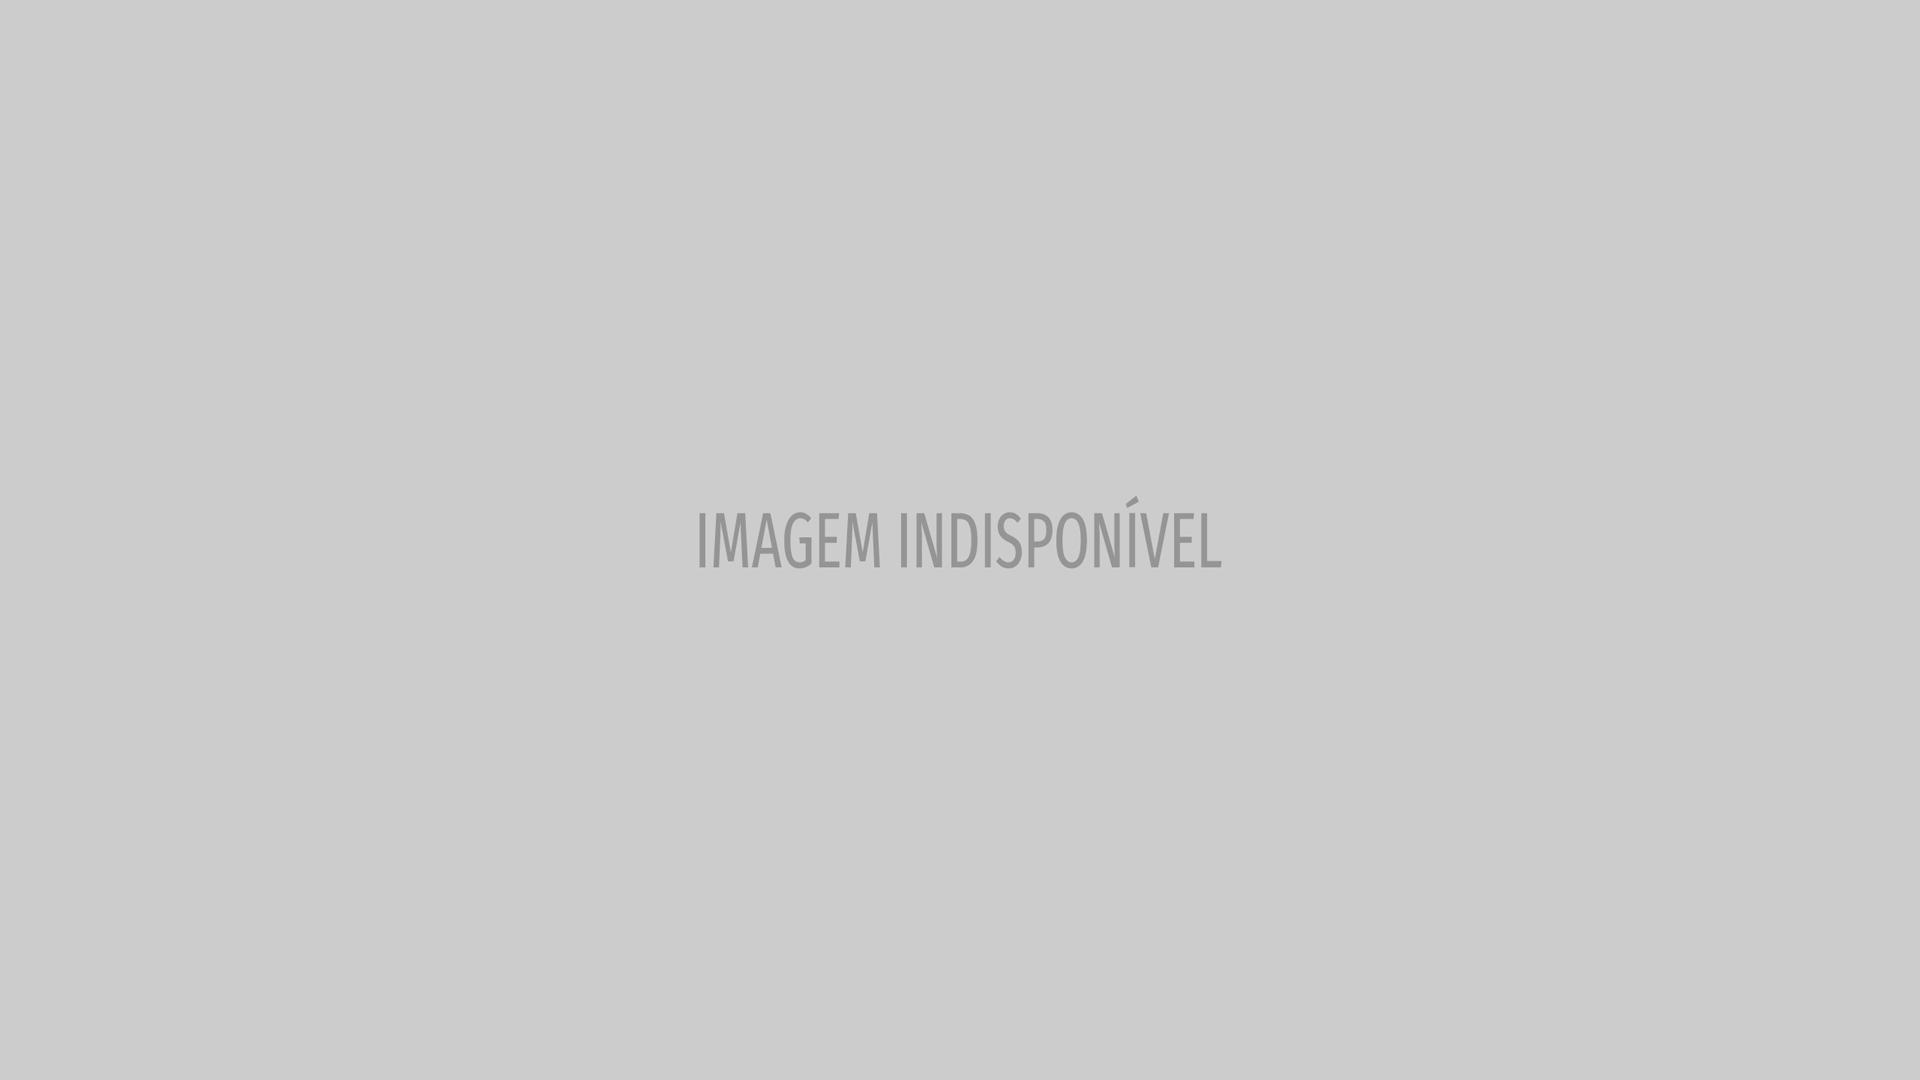 Seguidor de Bin Laden preso em Albufeira com arsenal em casa